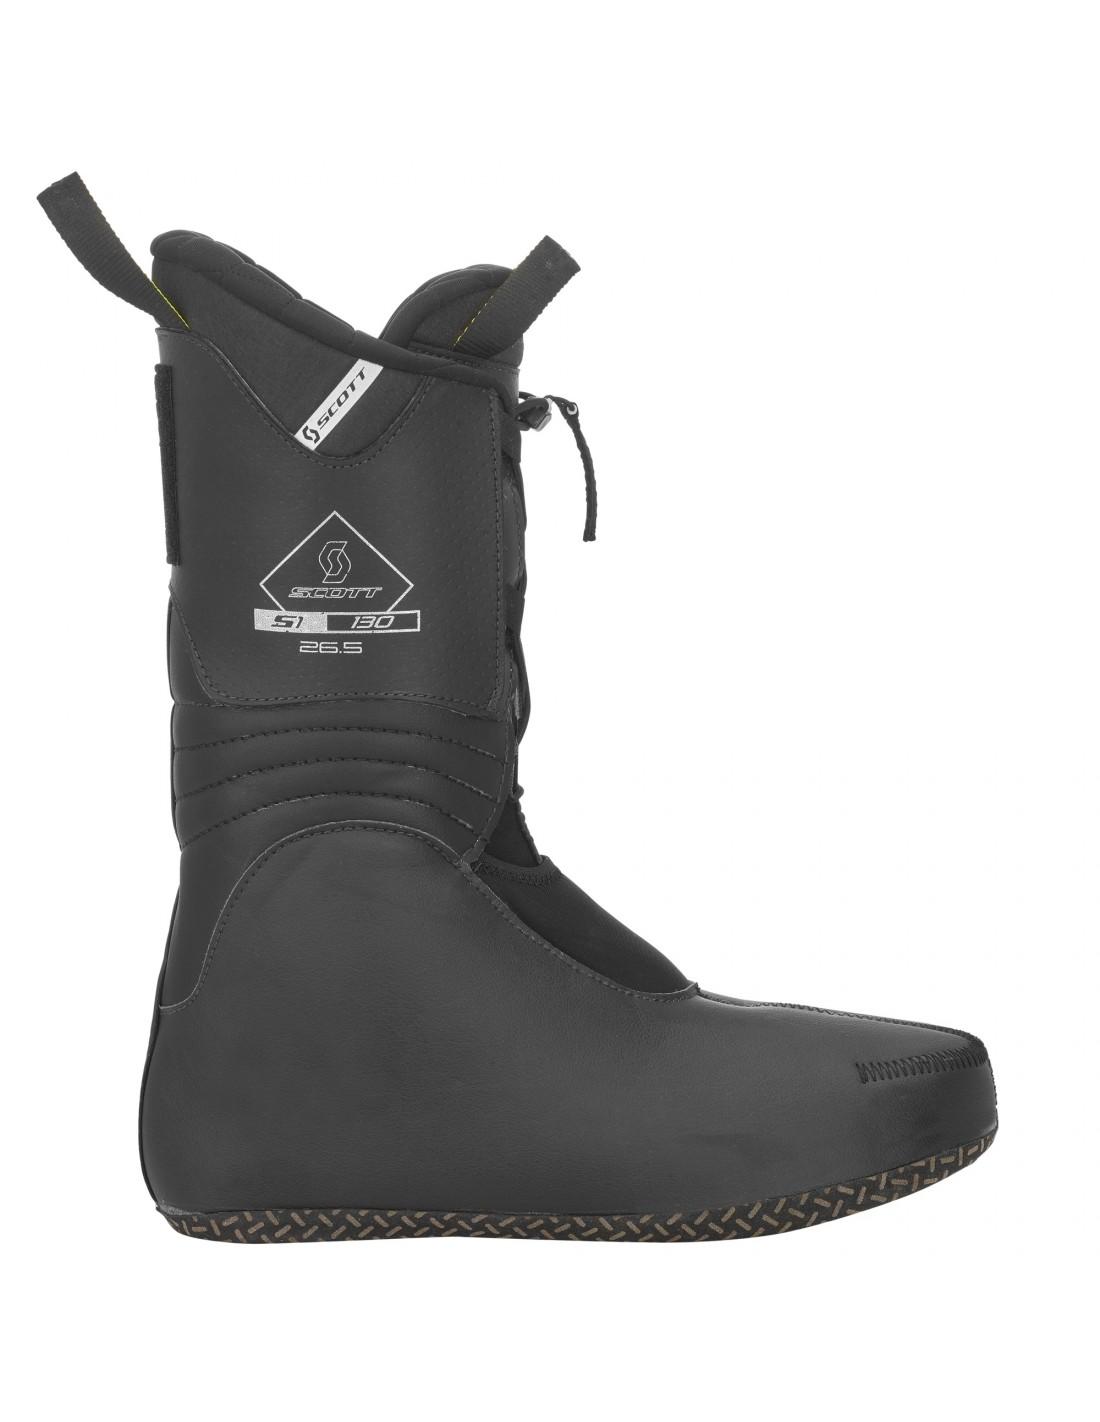 Scott S1 Carbon Ski Boots